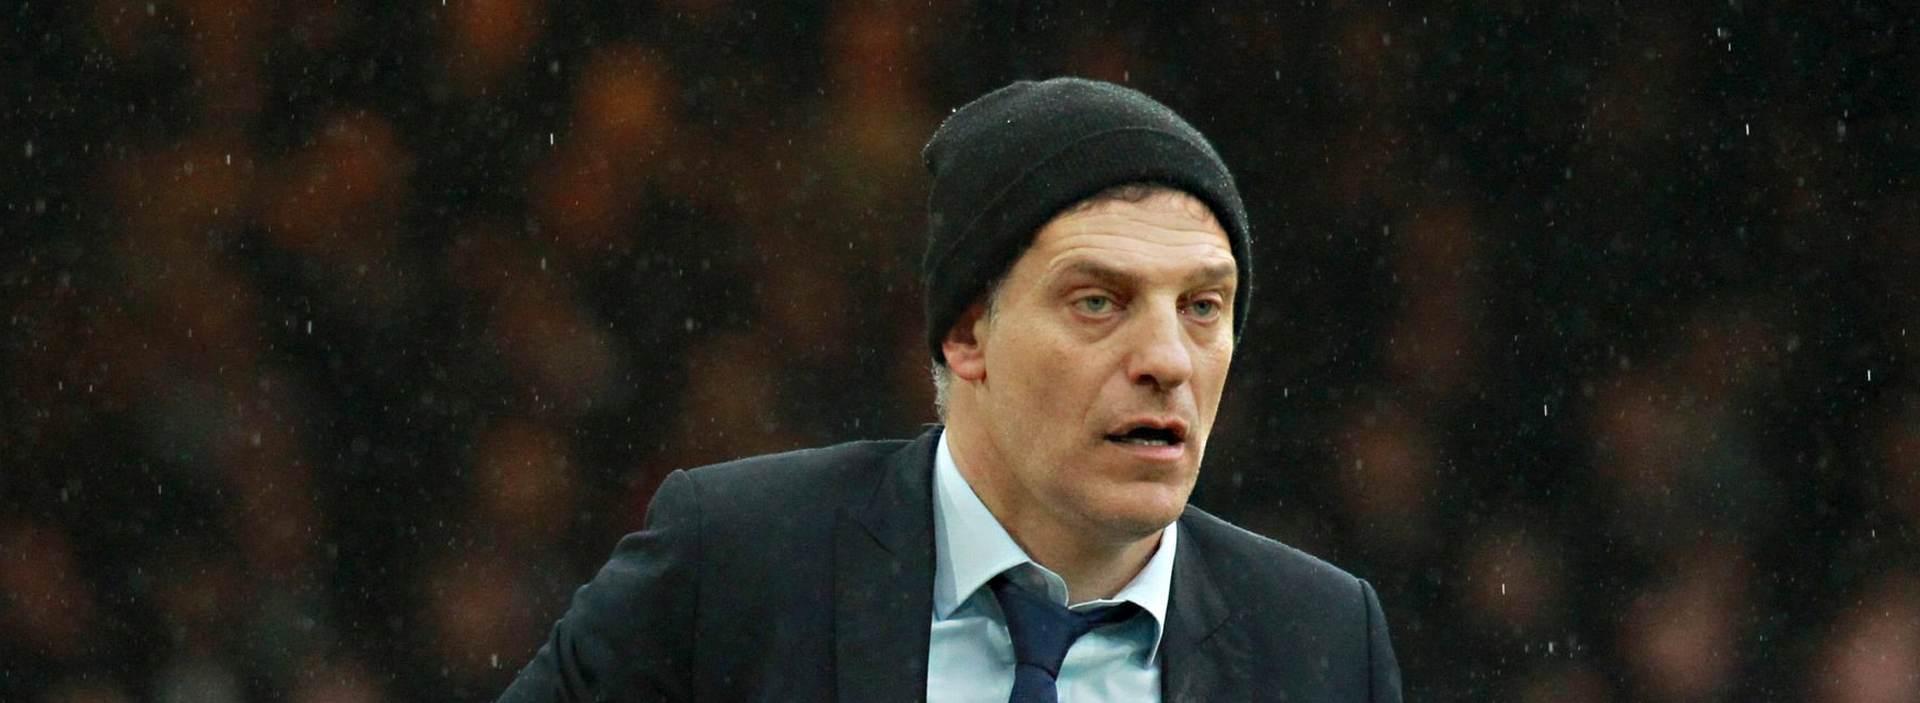 SLUŽBENO Slaven Bilić dobio otkaz u West Hamu